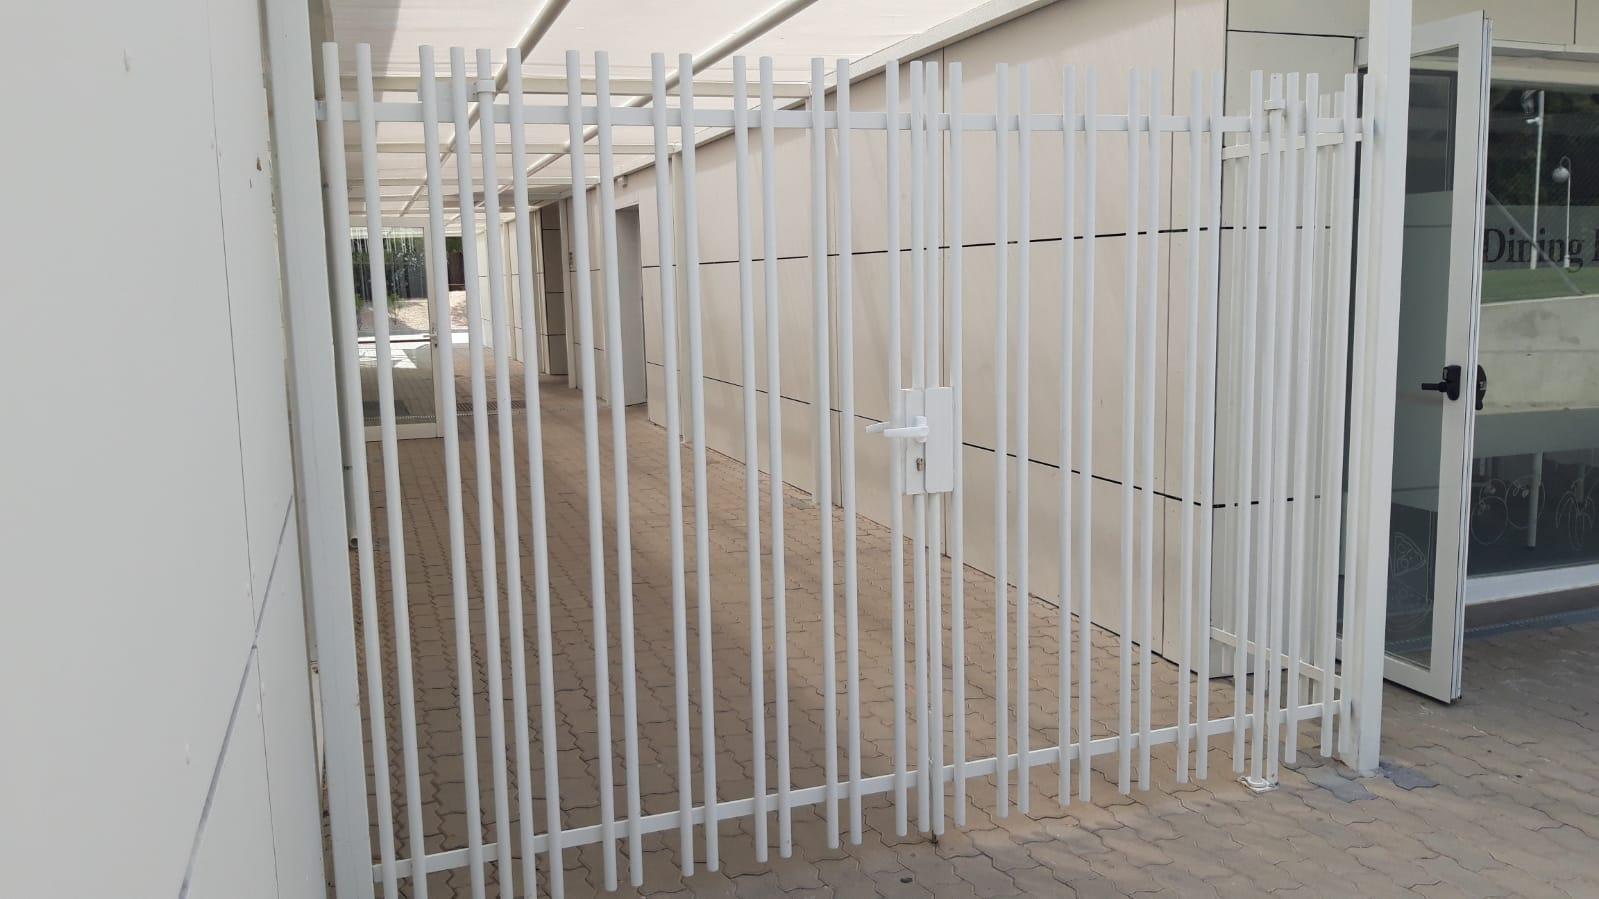 Cerramientos metálicos de seguridad - Intercerco